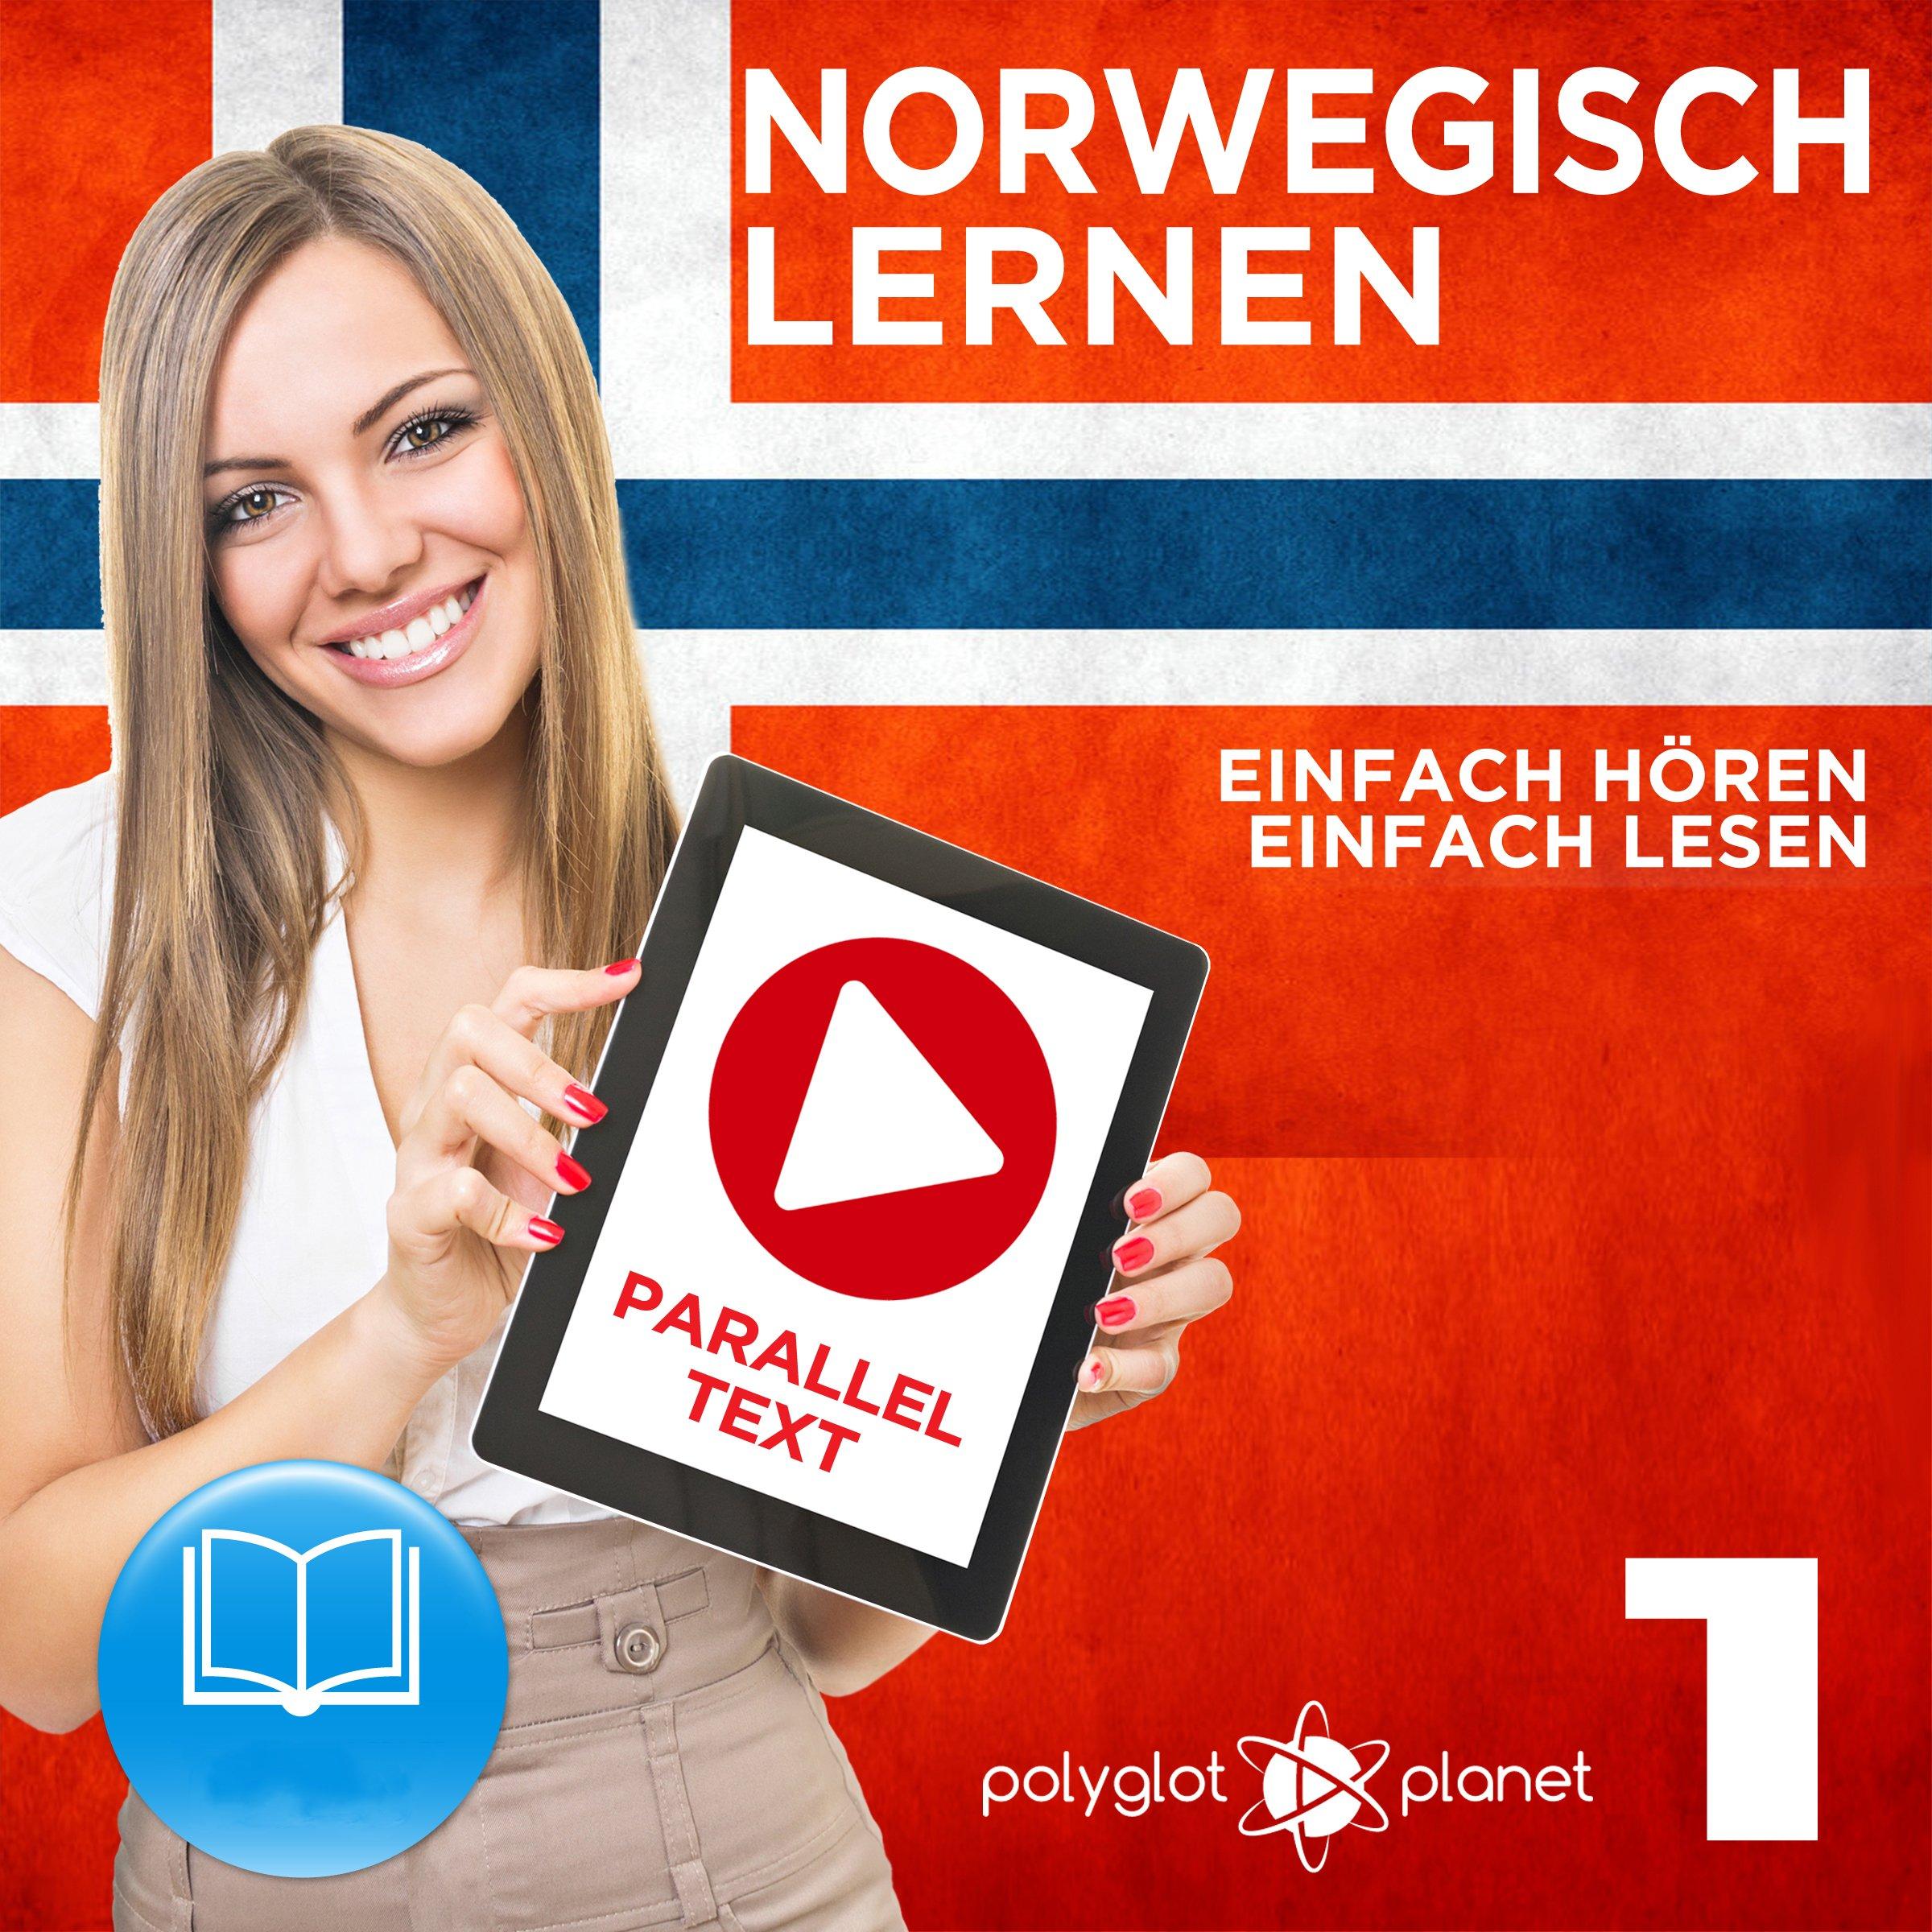 Norwegisch Einfach Lesen   Einfach Hören   Paralleltext  Norwegisch Lernen Audio Sprachkurs Nr. 1  Norwegisch Lernen   Easy Reader   Easy Audio